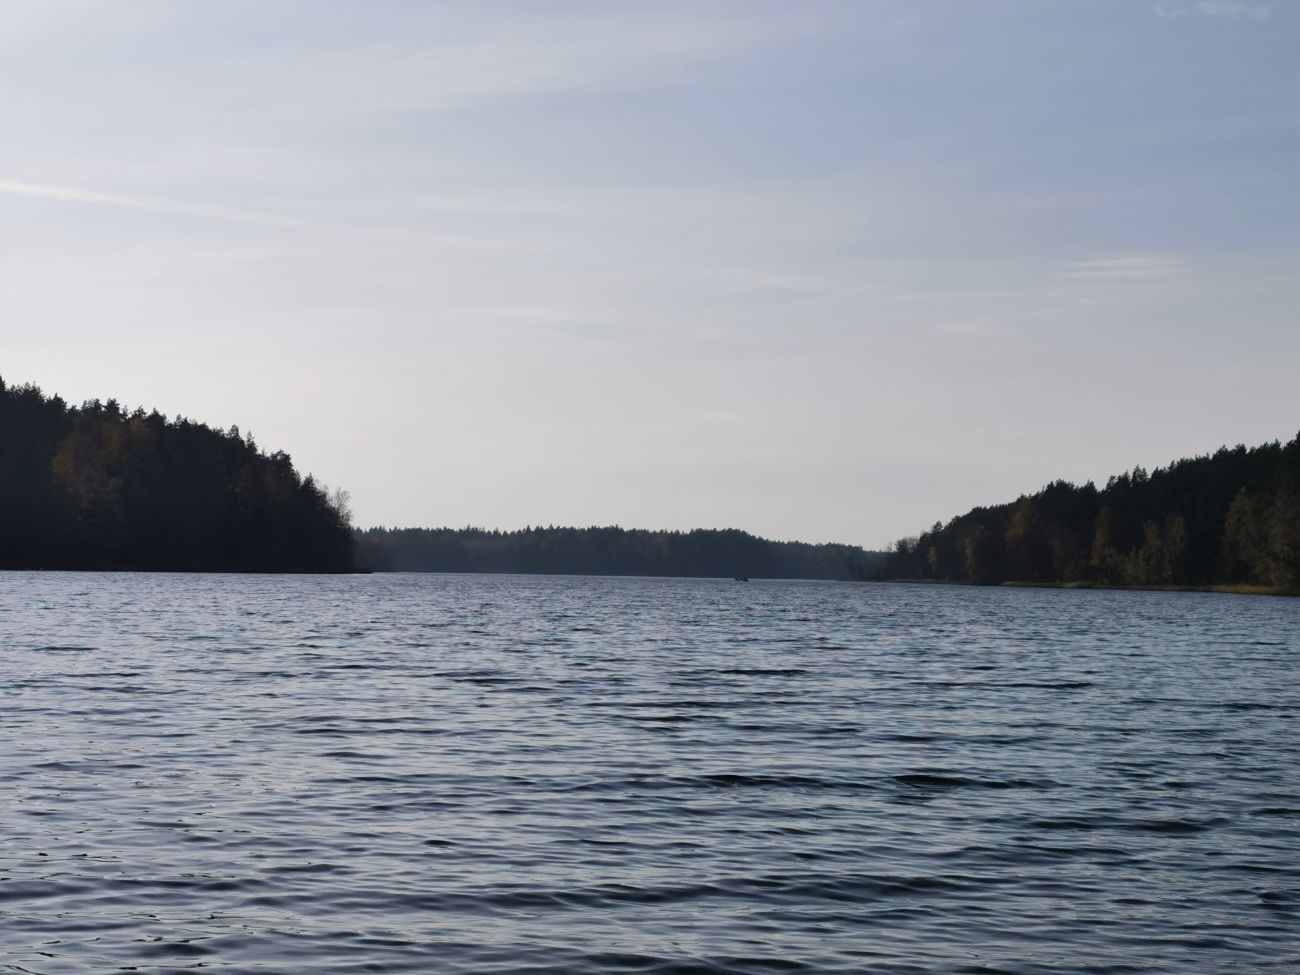 aiseto ezeras